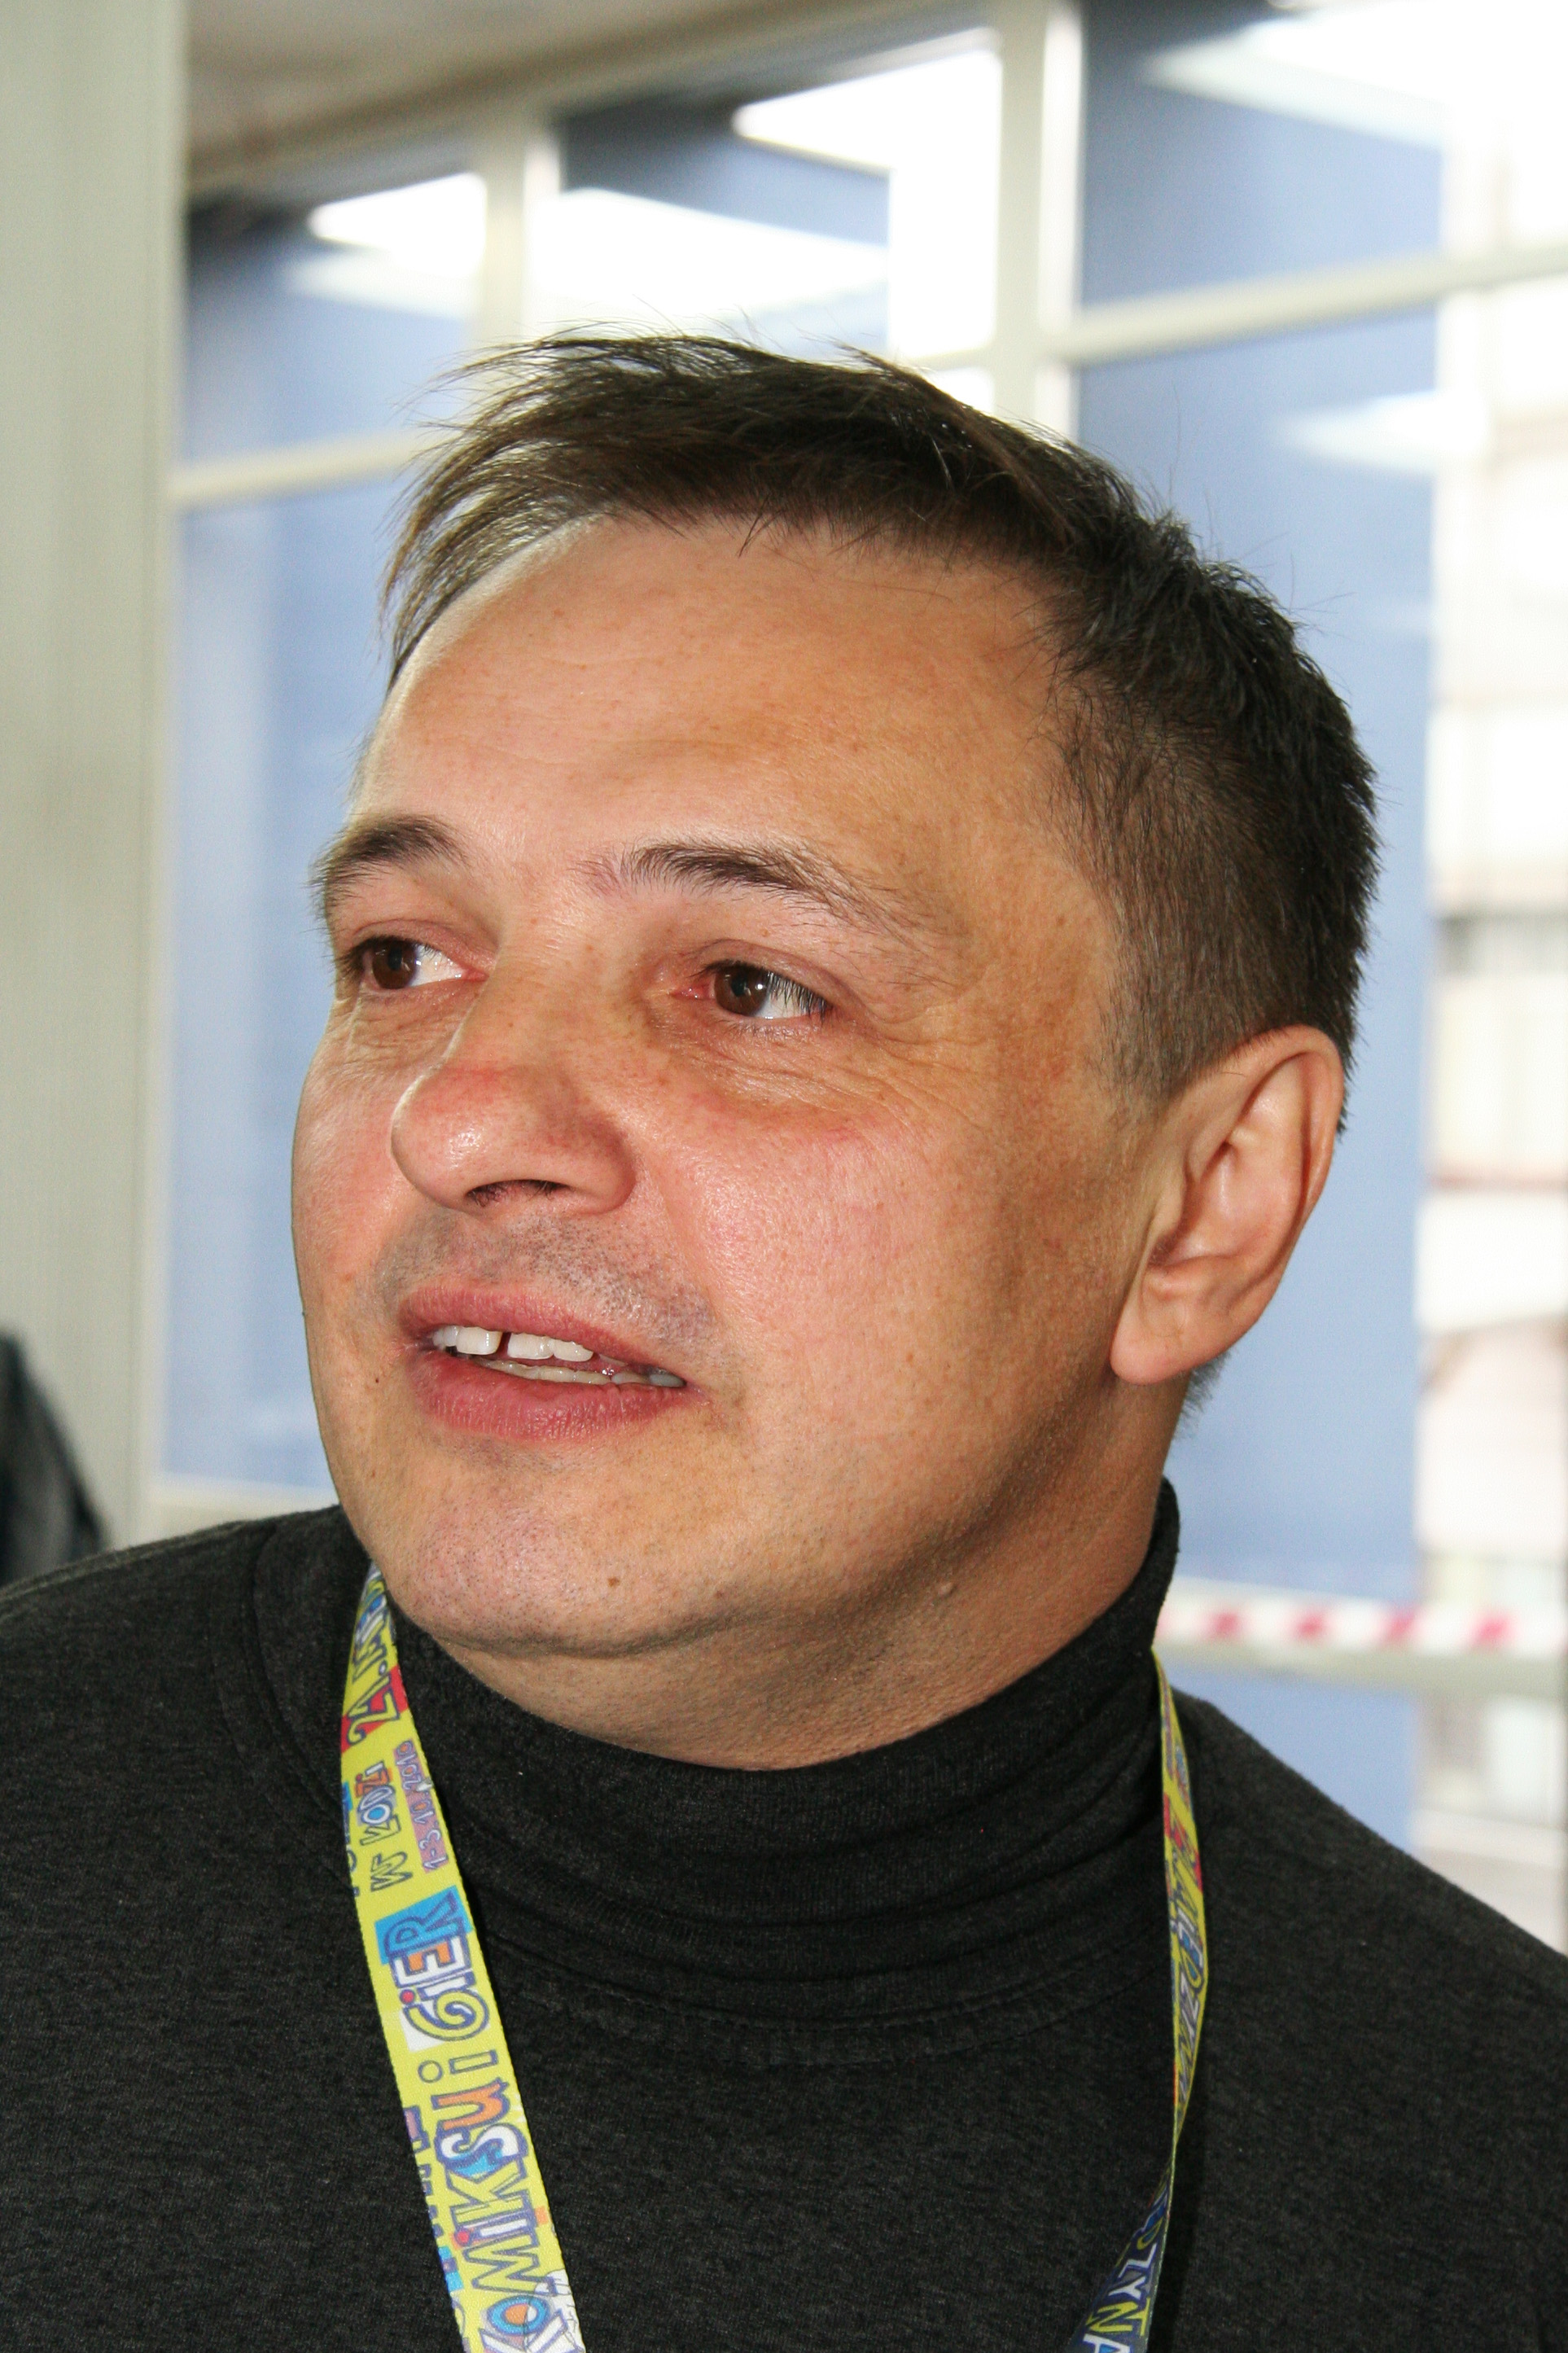 Wojciech Birek